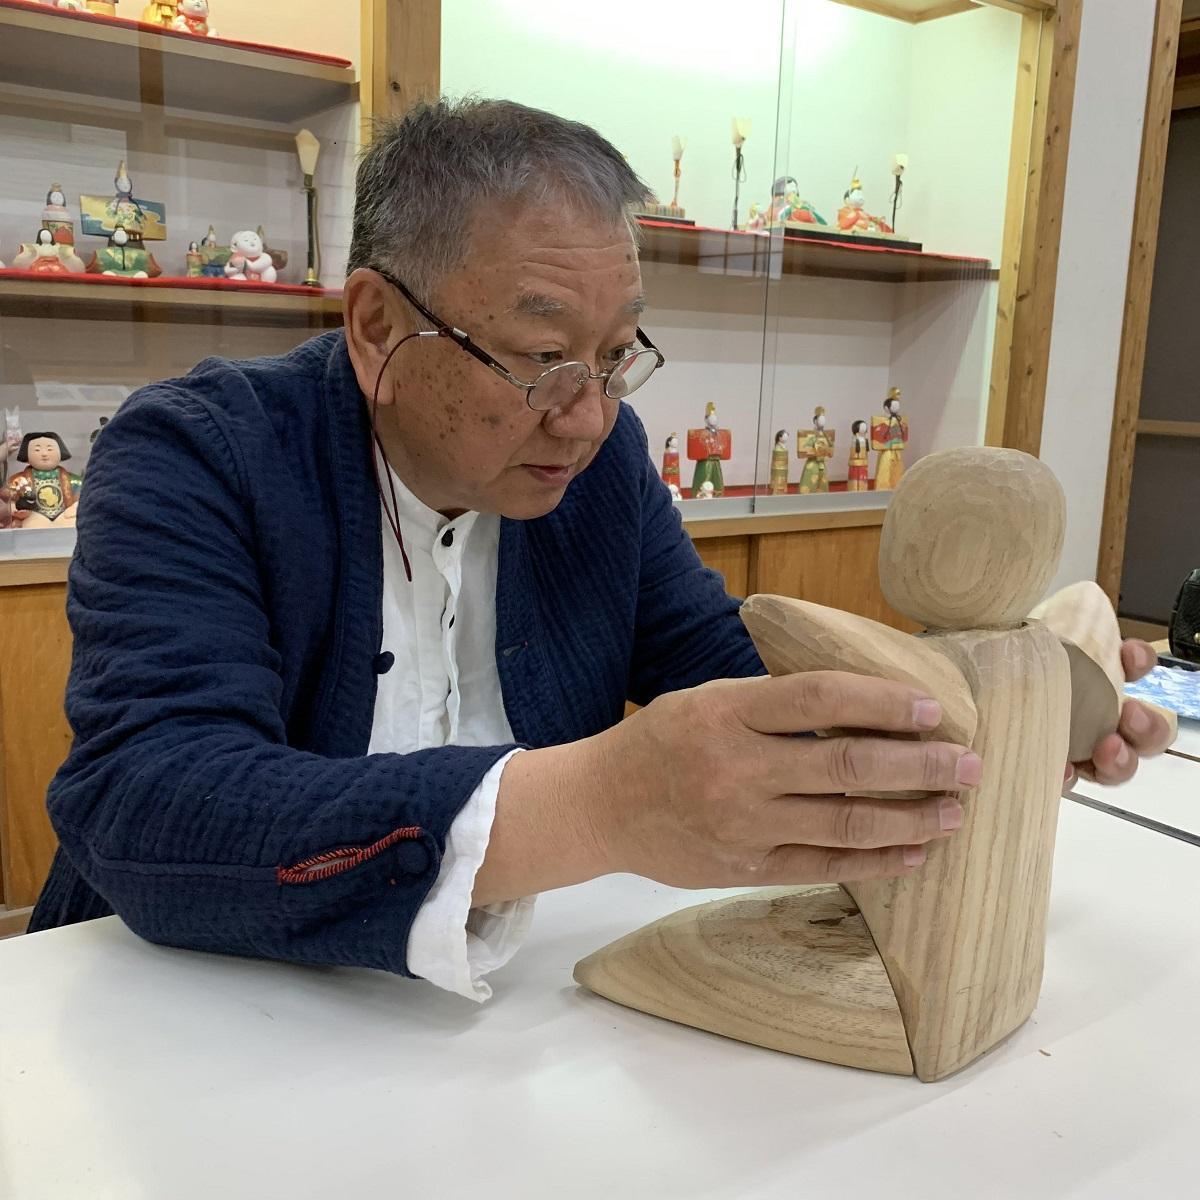 中村信喬さんと新元号記念の木彫作品「這子(ほうこ)」